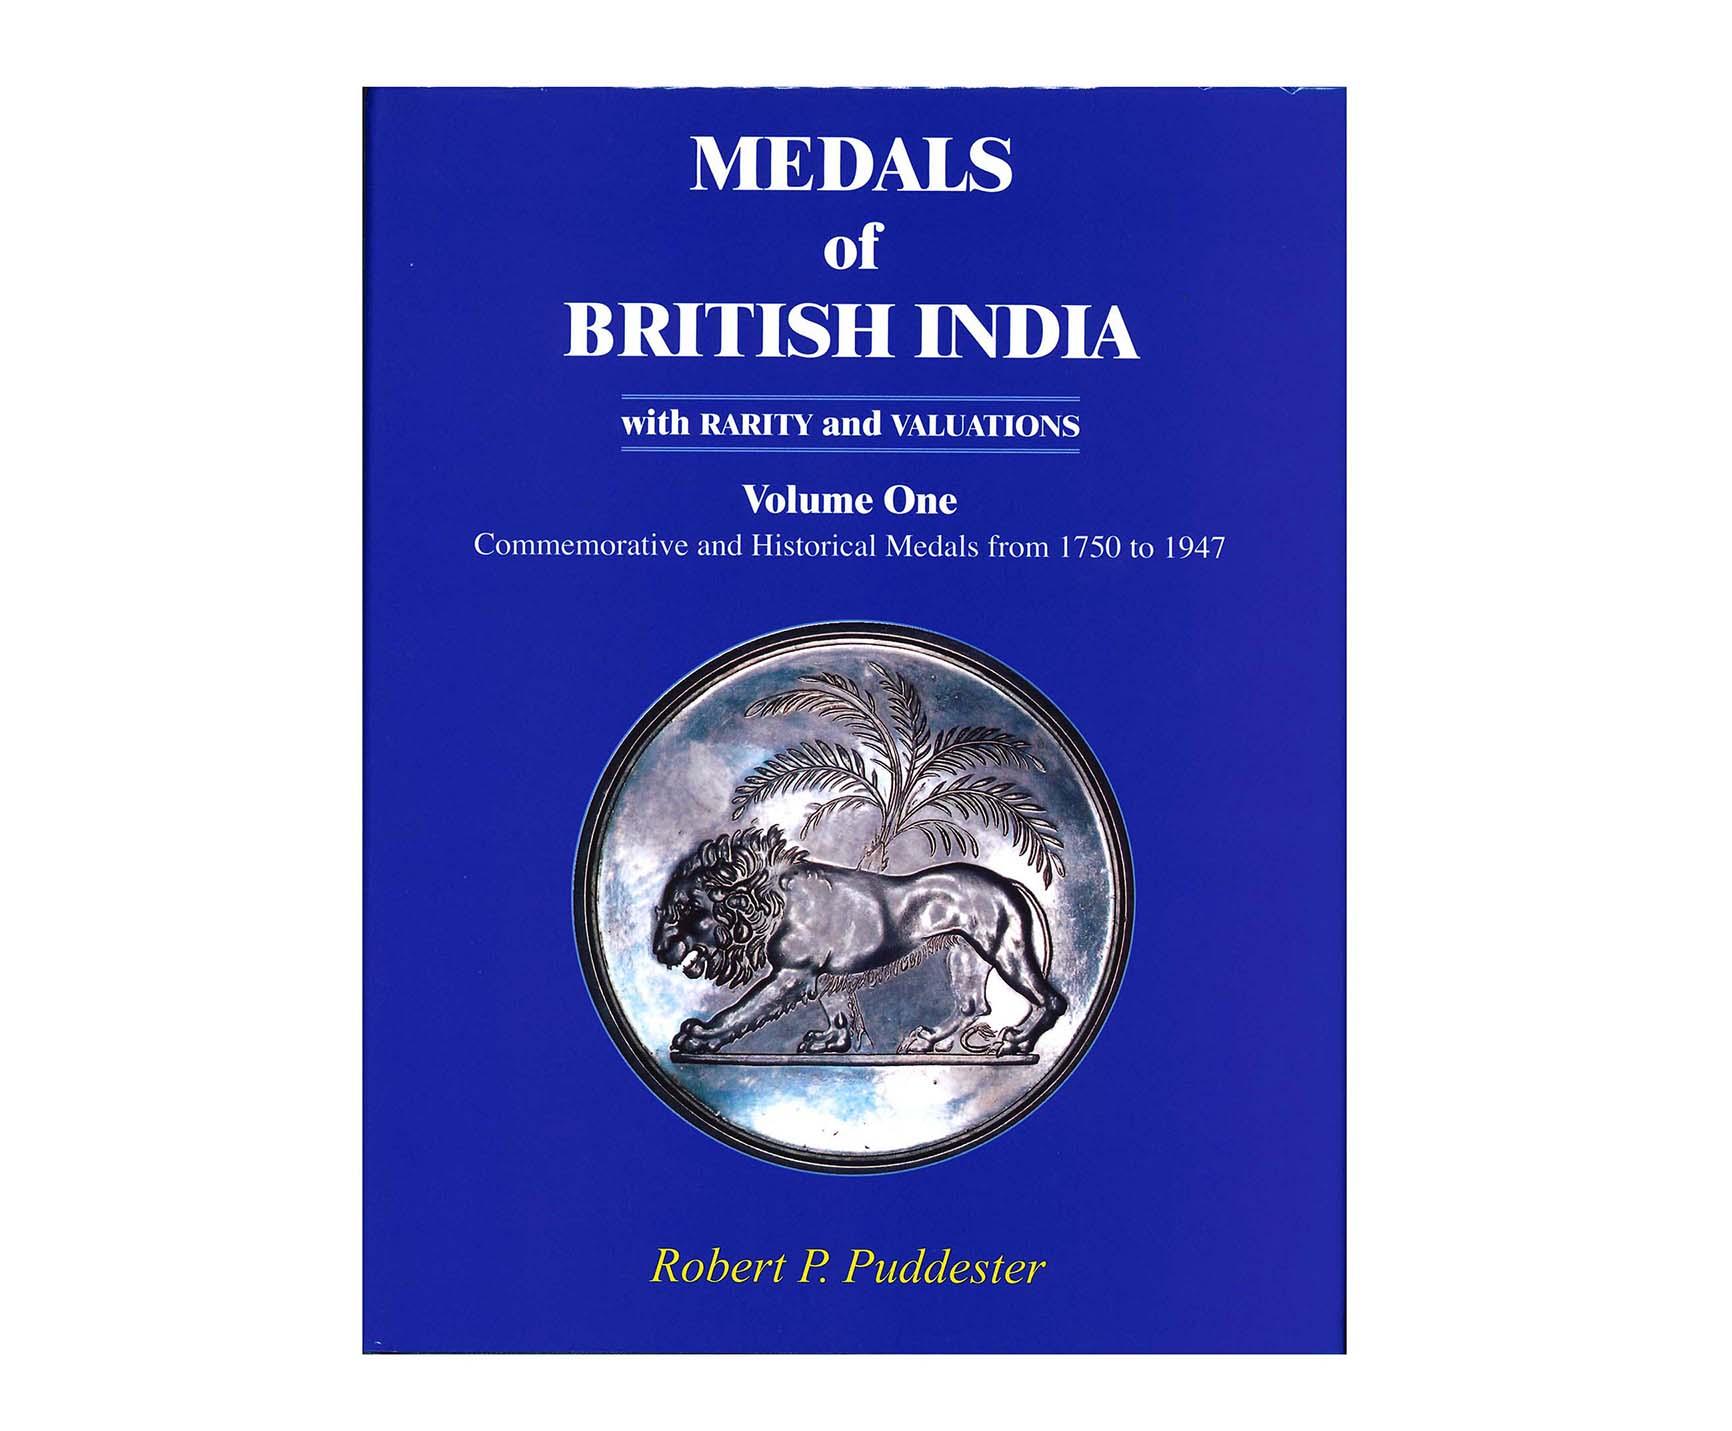 Medals of British India